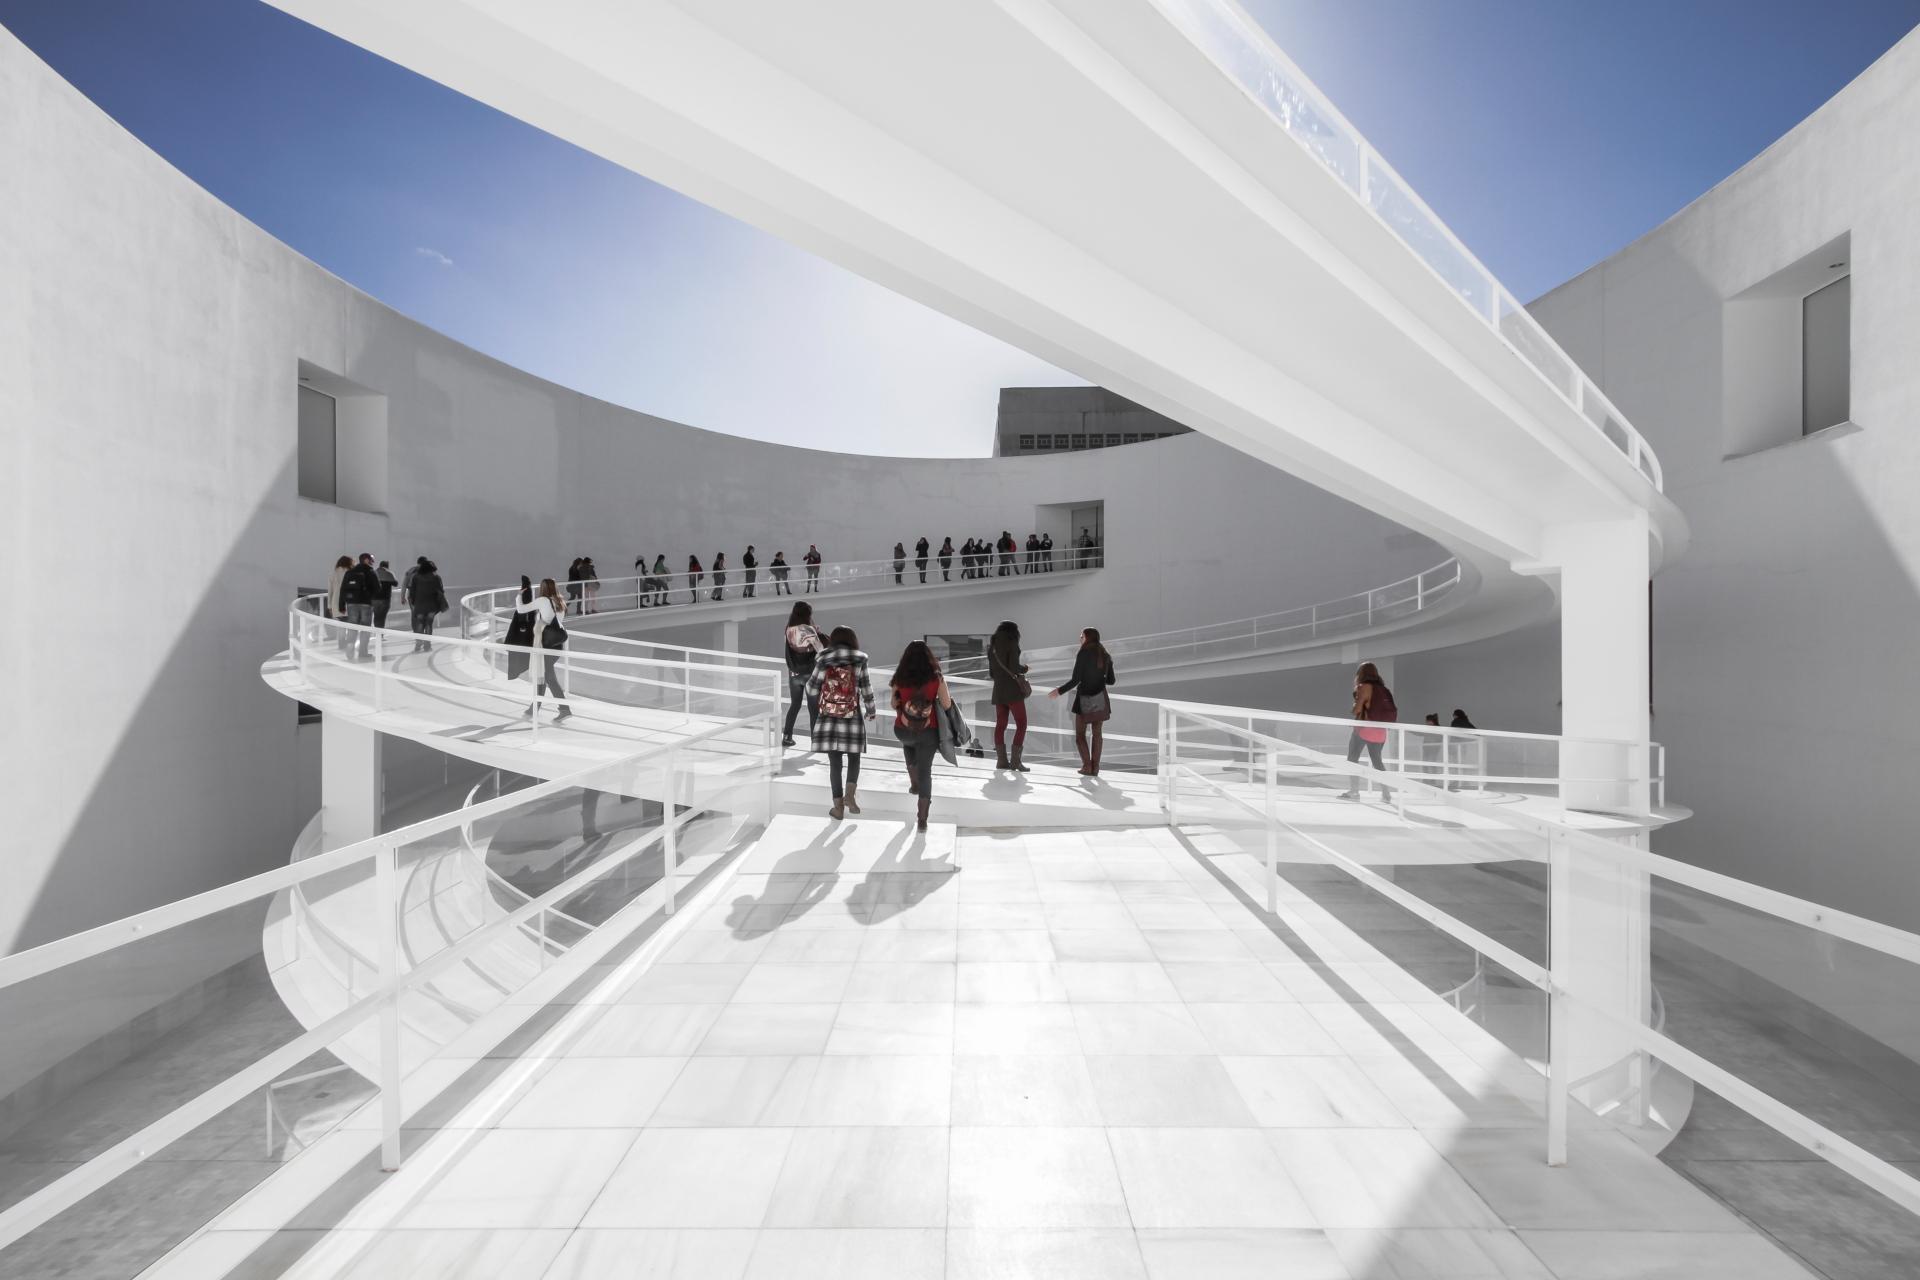 fotografia-arquitectura-granada-german-cabo-baeza-museo-memoria-andalucia (2)